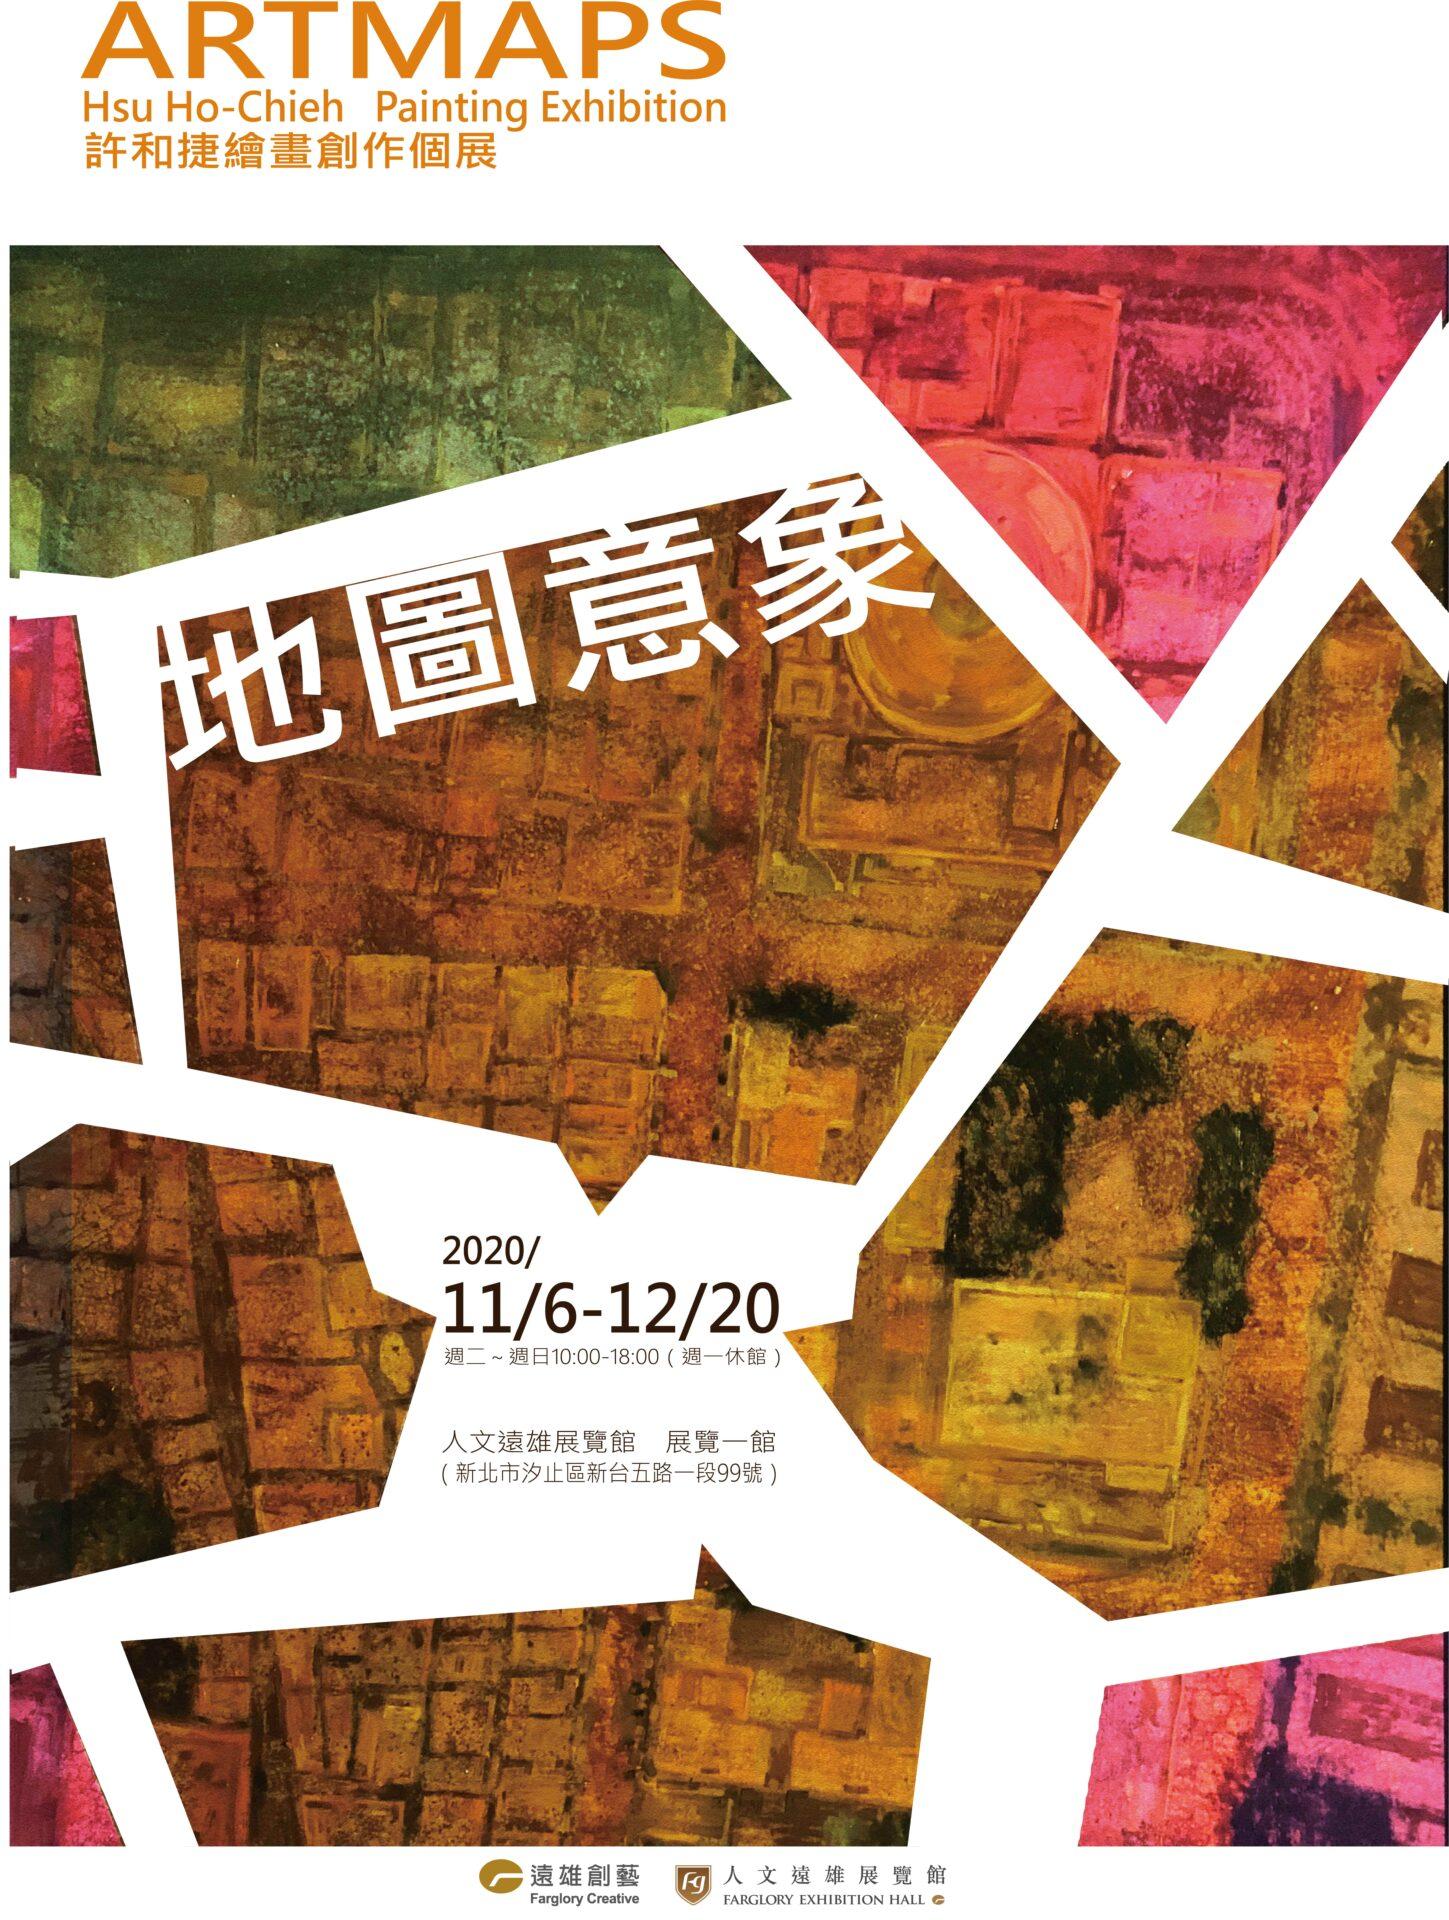 人文遠雄展覽館:2020/11/06-2021/12/20【地圖意象—許和捷個展】